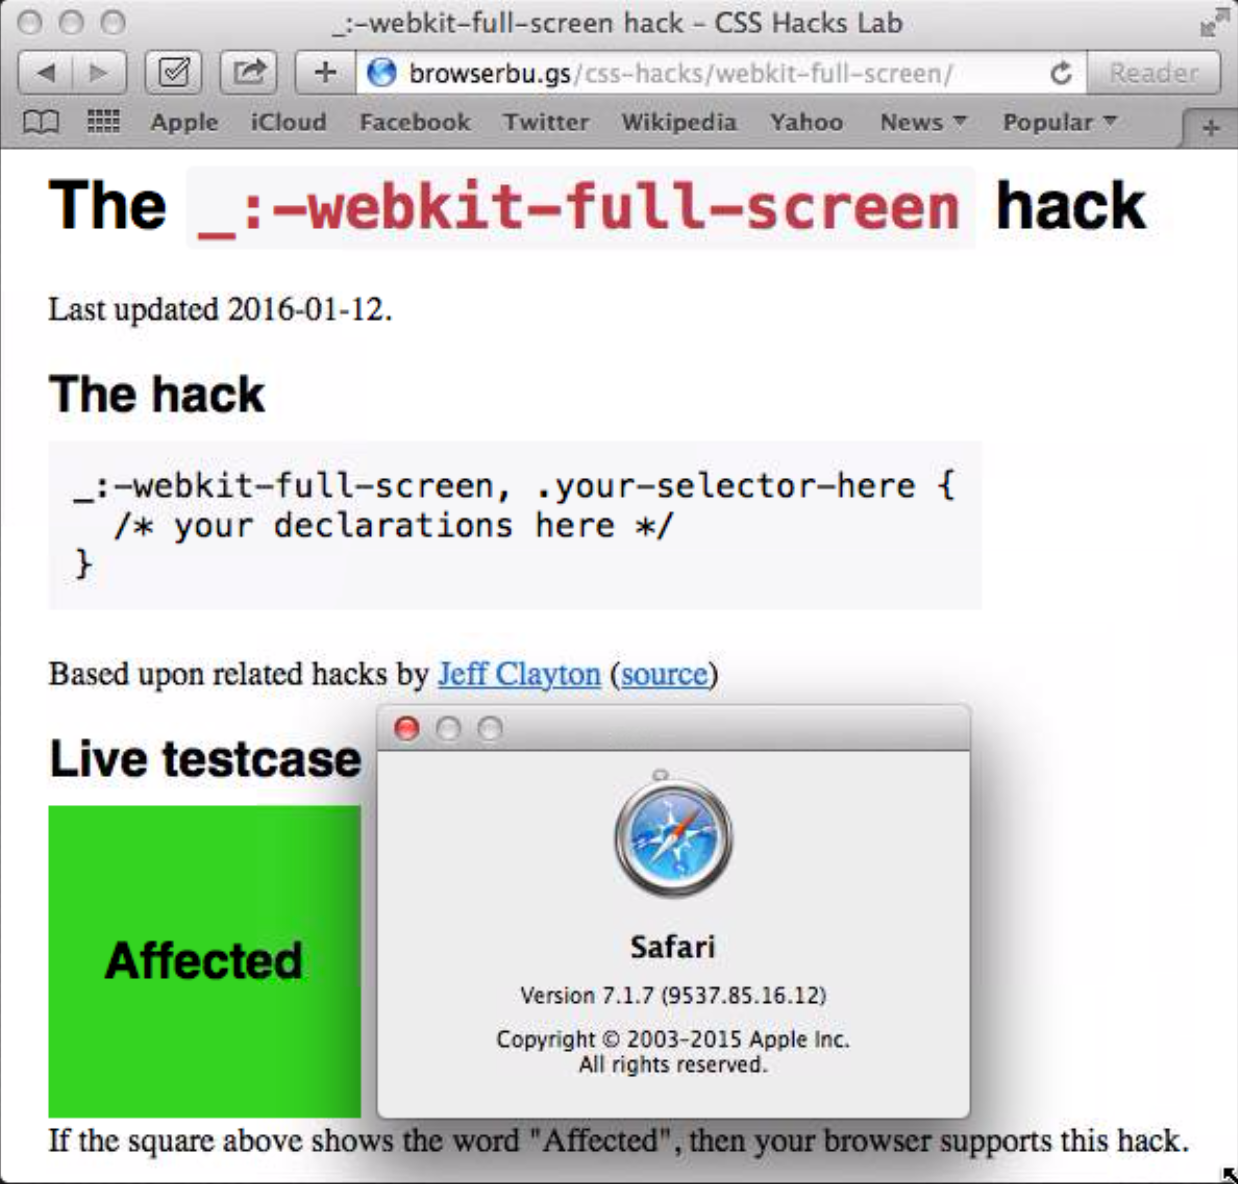 webkit-full-screen hack – CSS Hacks Lab